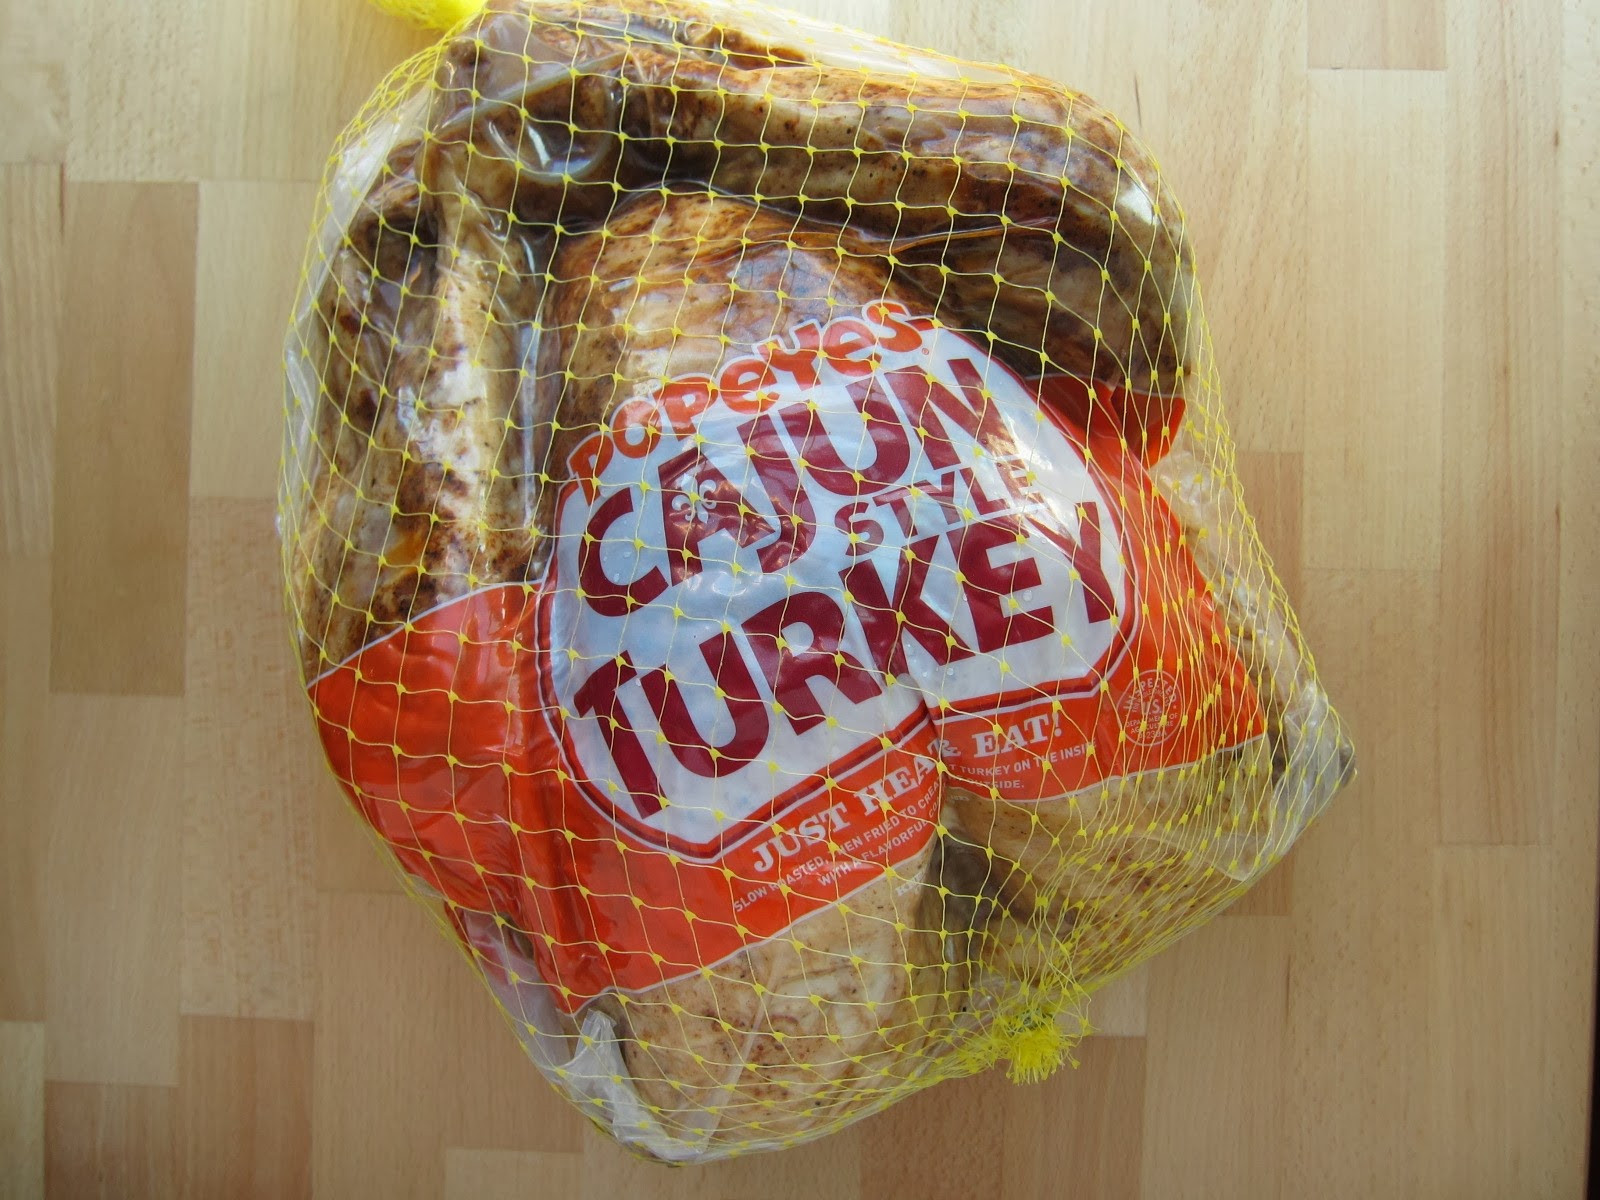 Popeyes Thanksgiving Turkey  Brand Eating November 2013